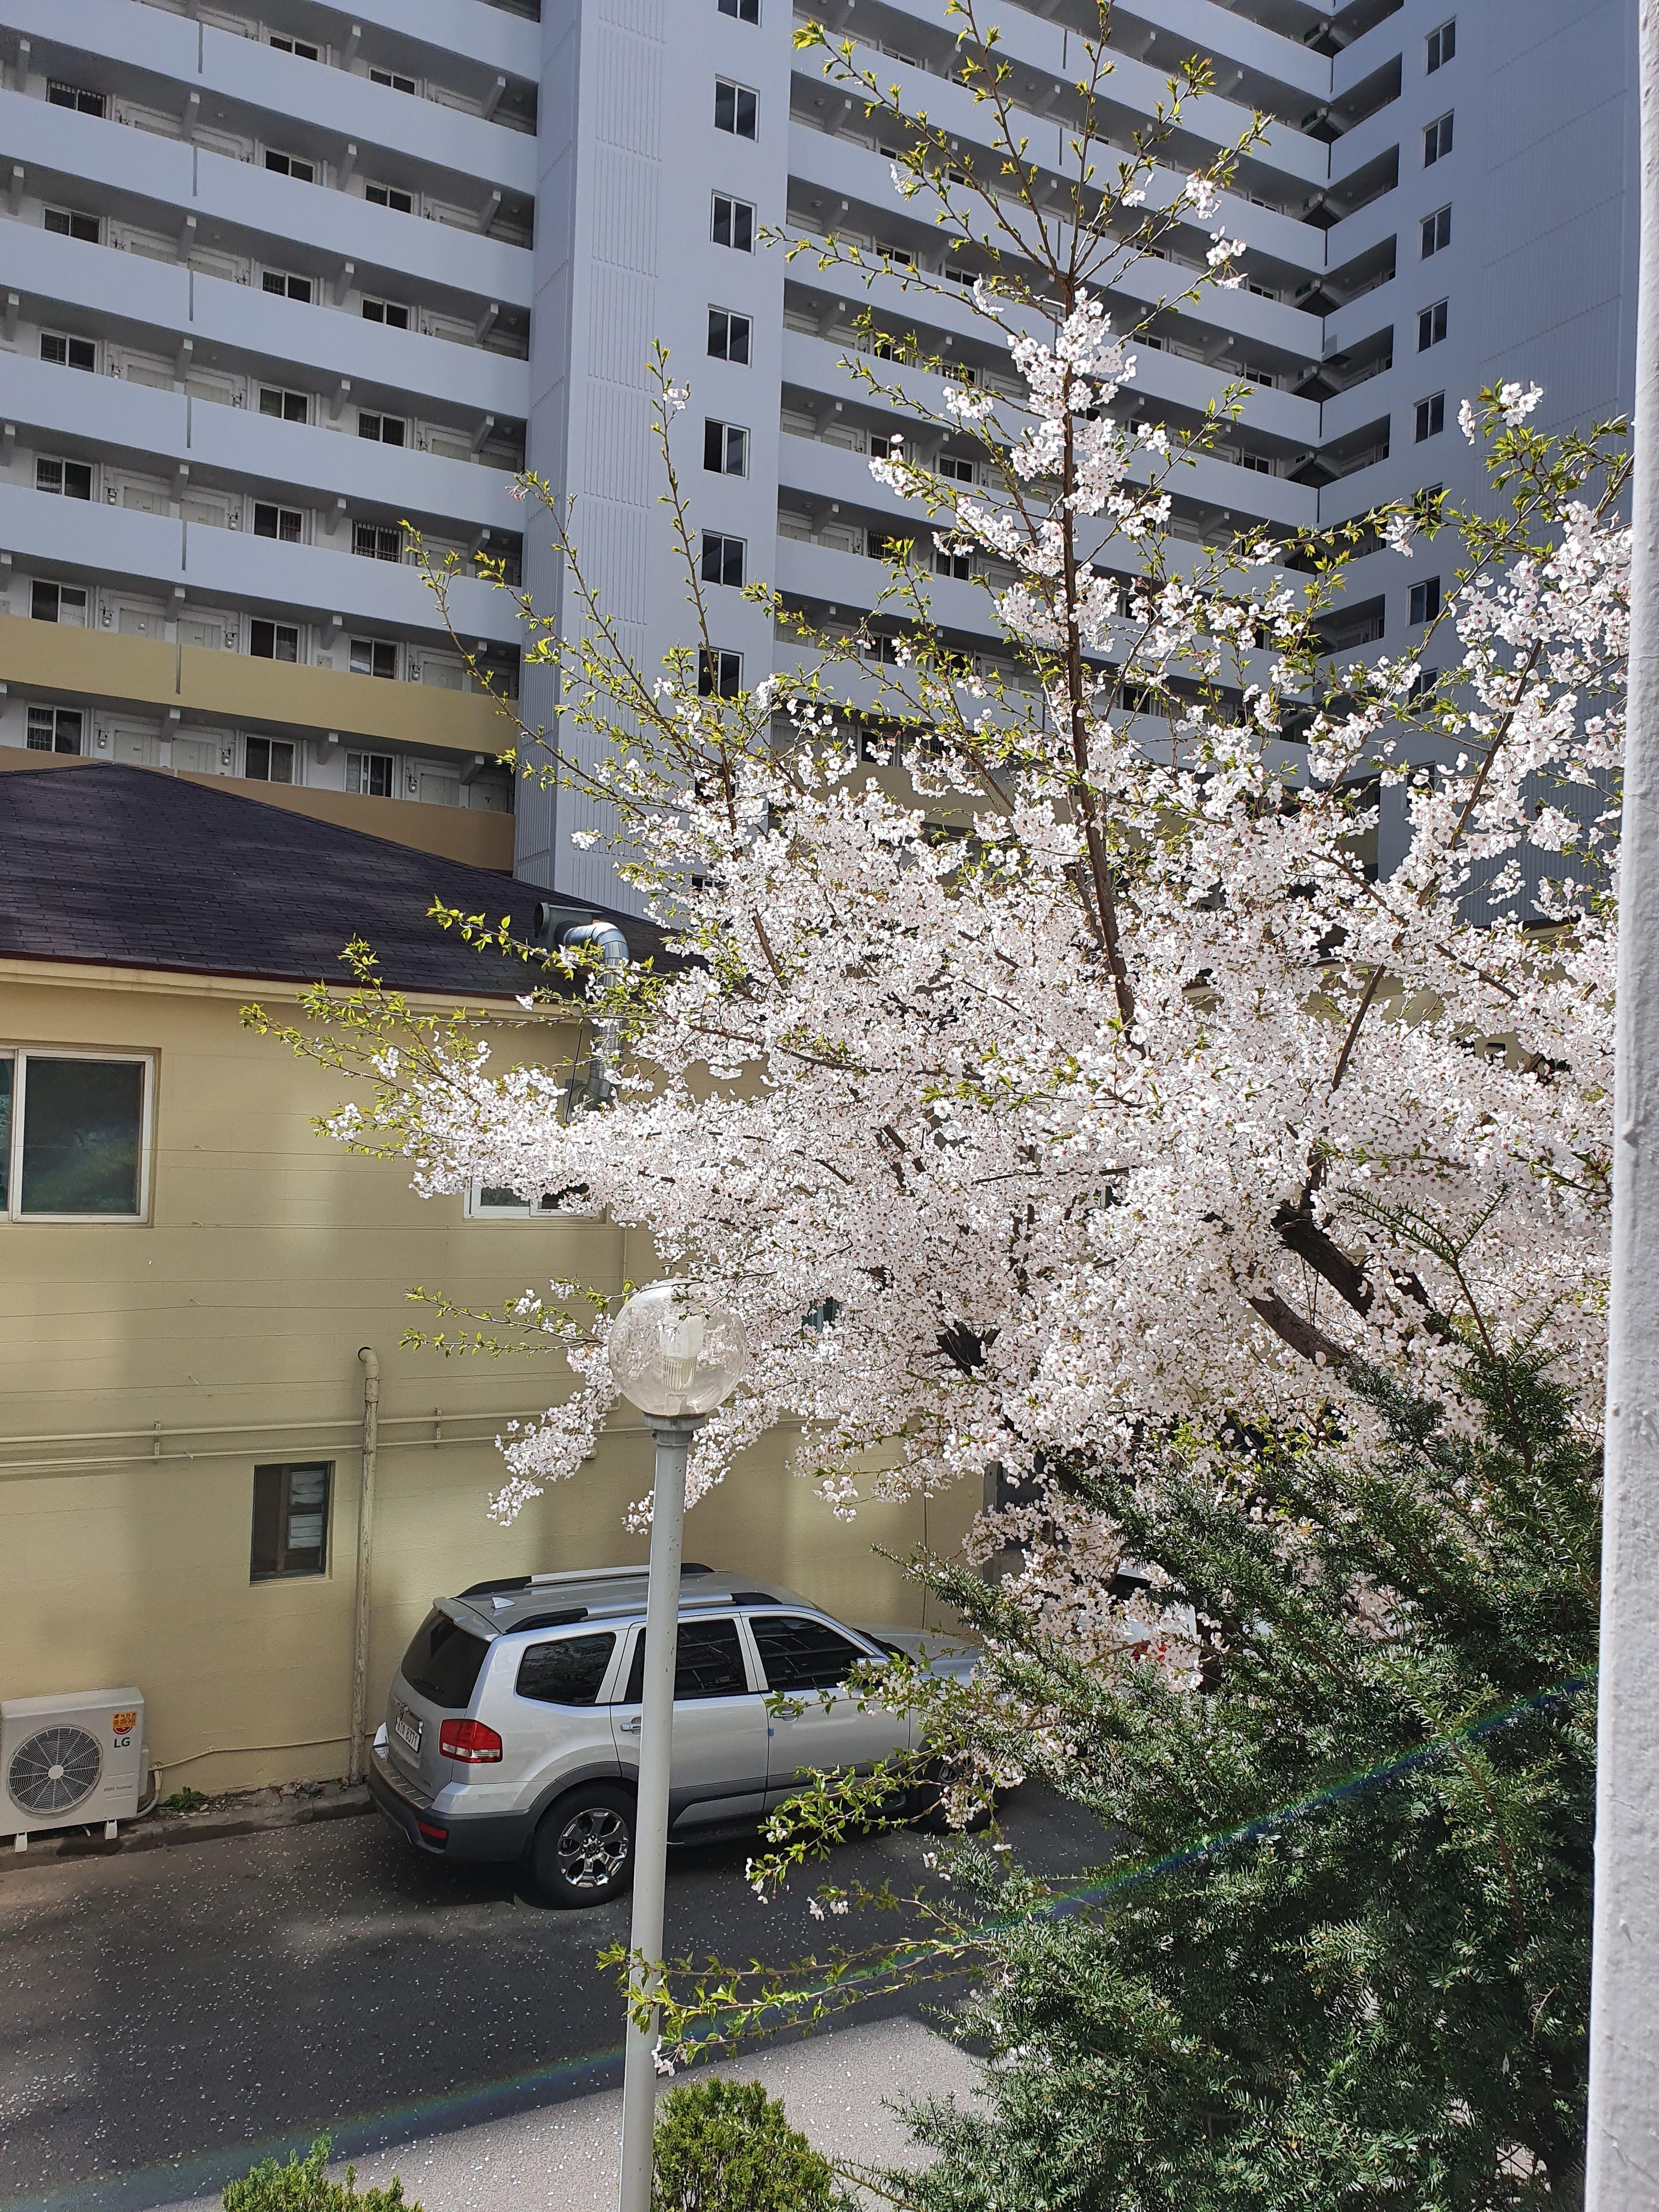 토요일, 병원가는 길(1) : 눈부시게 예쁜 벚꽃.. 슬프다